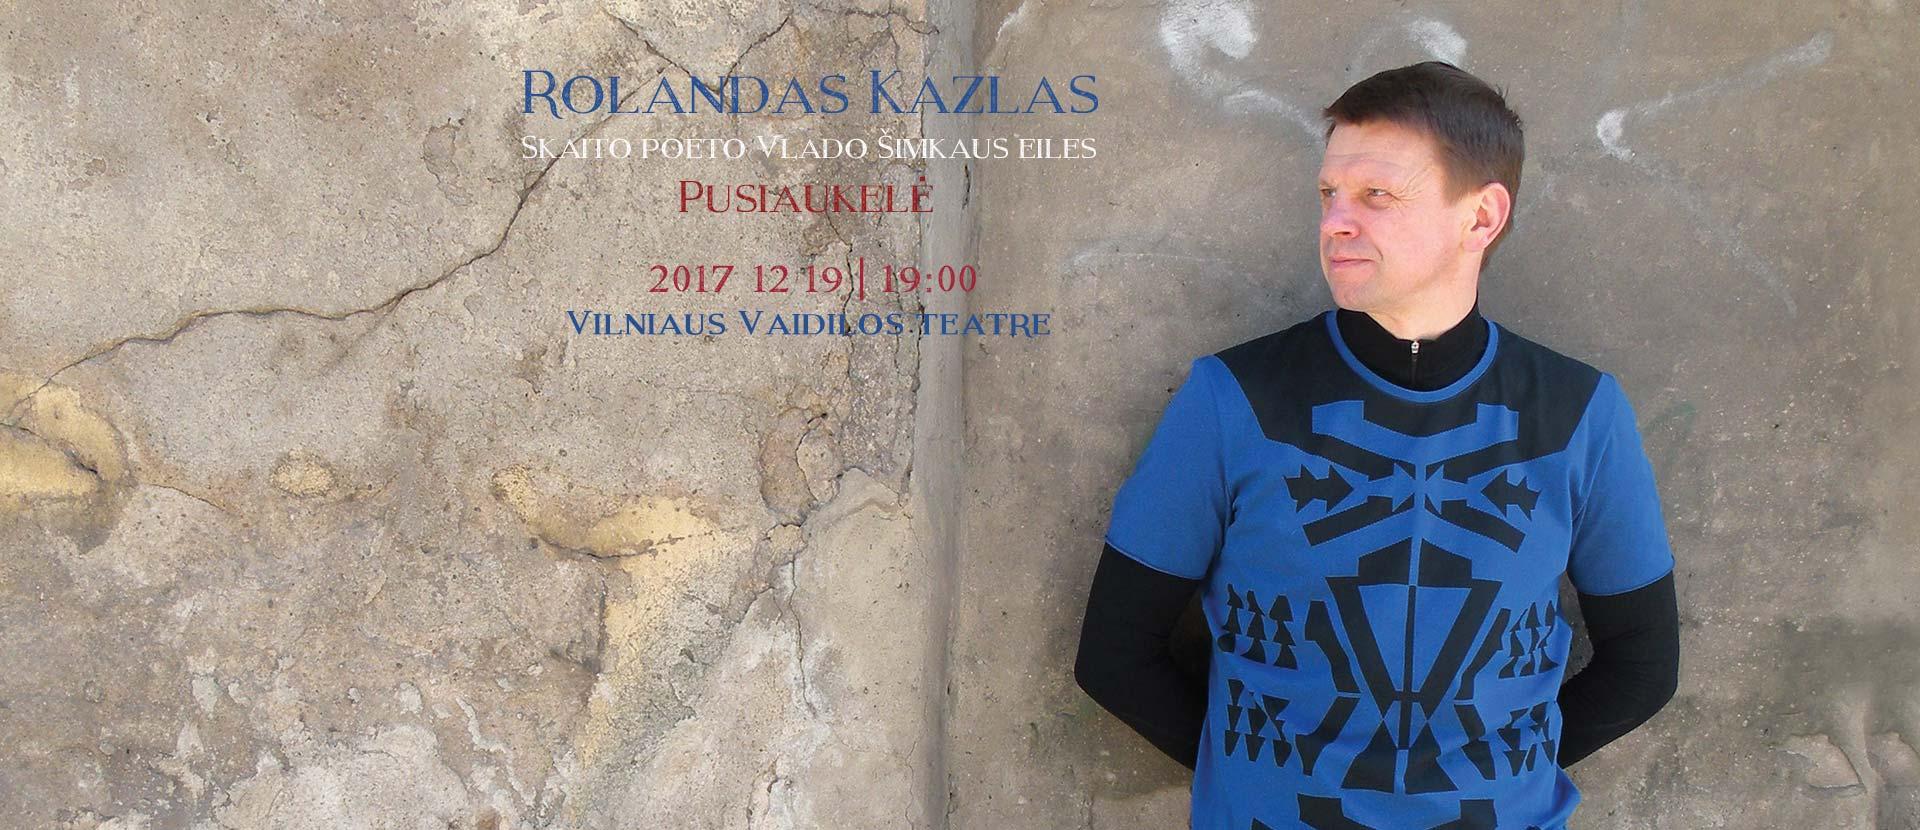 Rolandas Kazlas Pusiaukelė Vaidilos teatre | Vilnius